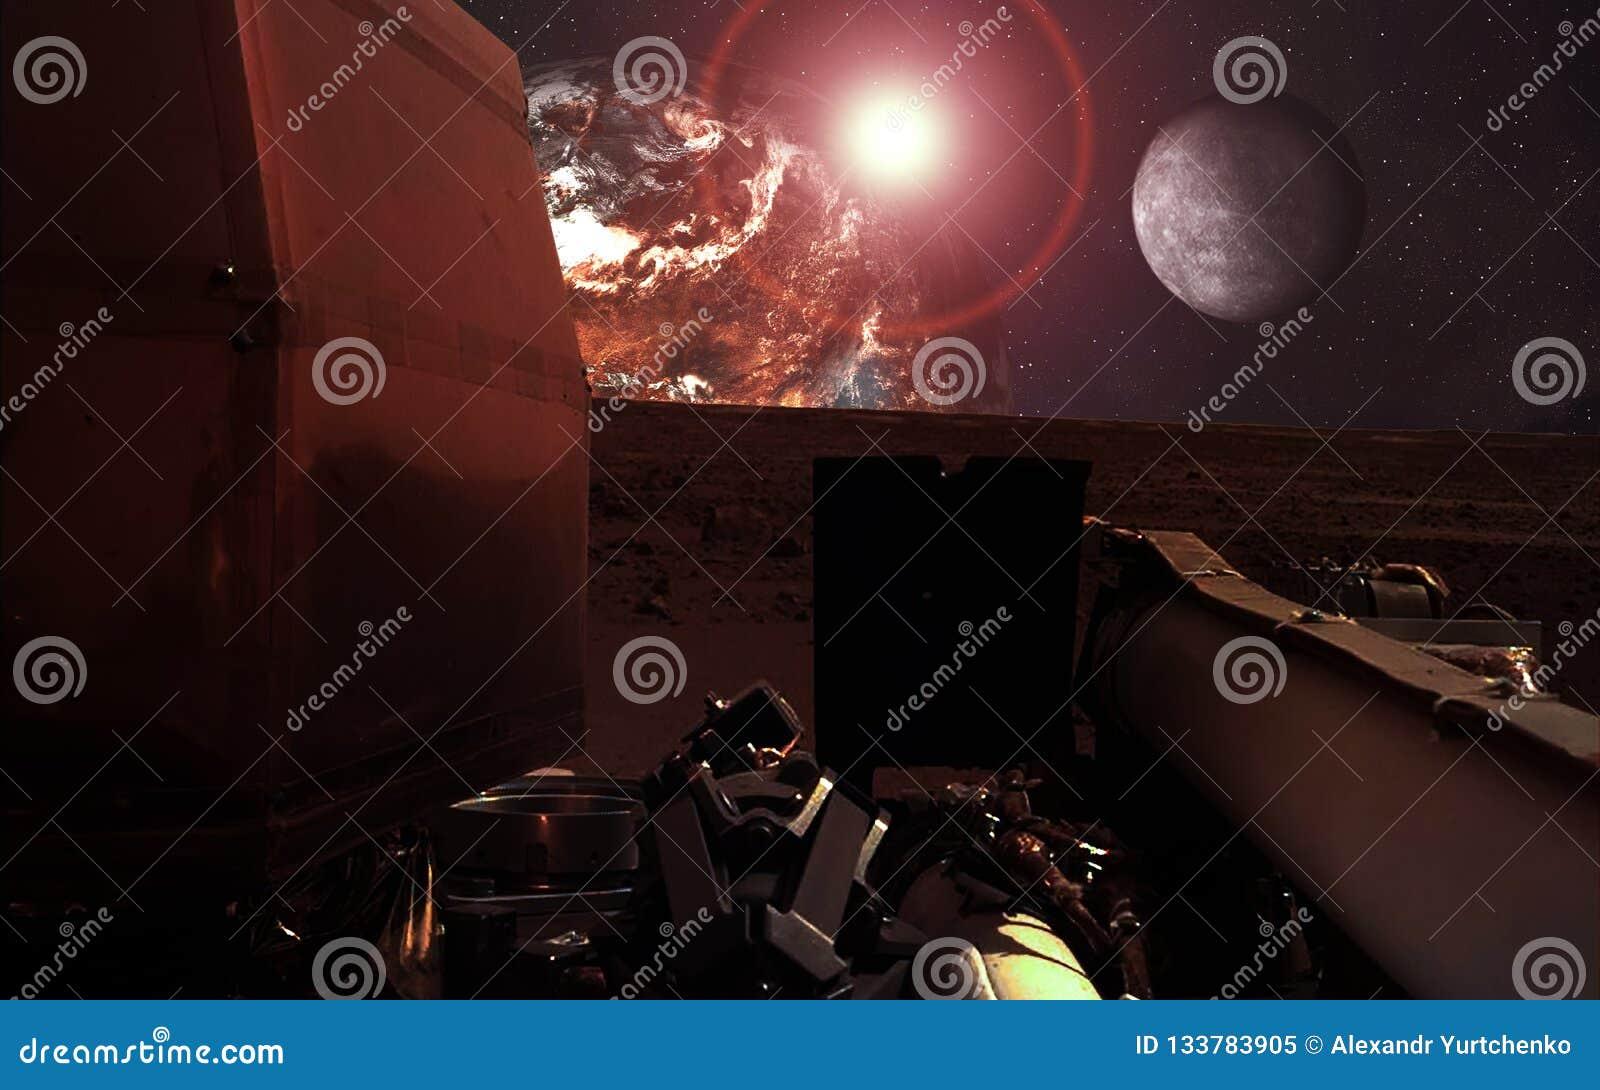 Lander de Marte de la penetración de la misión cerca del planeta y de la luna rojos con la llamarada de la lente Los elementos de